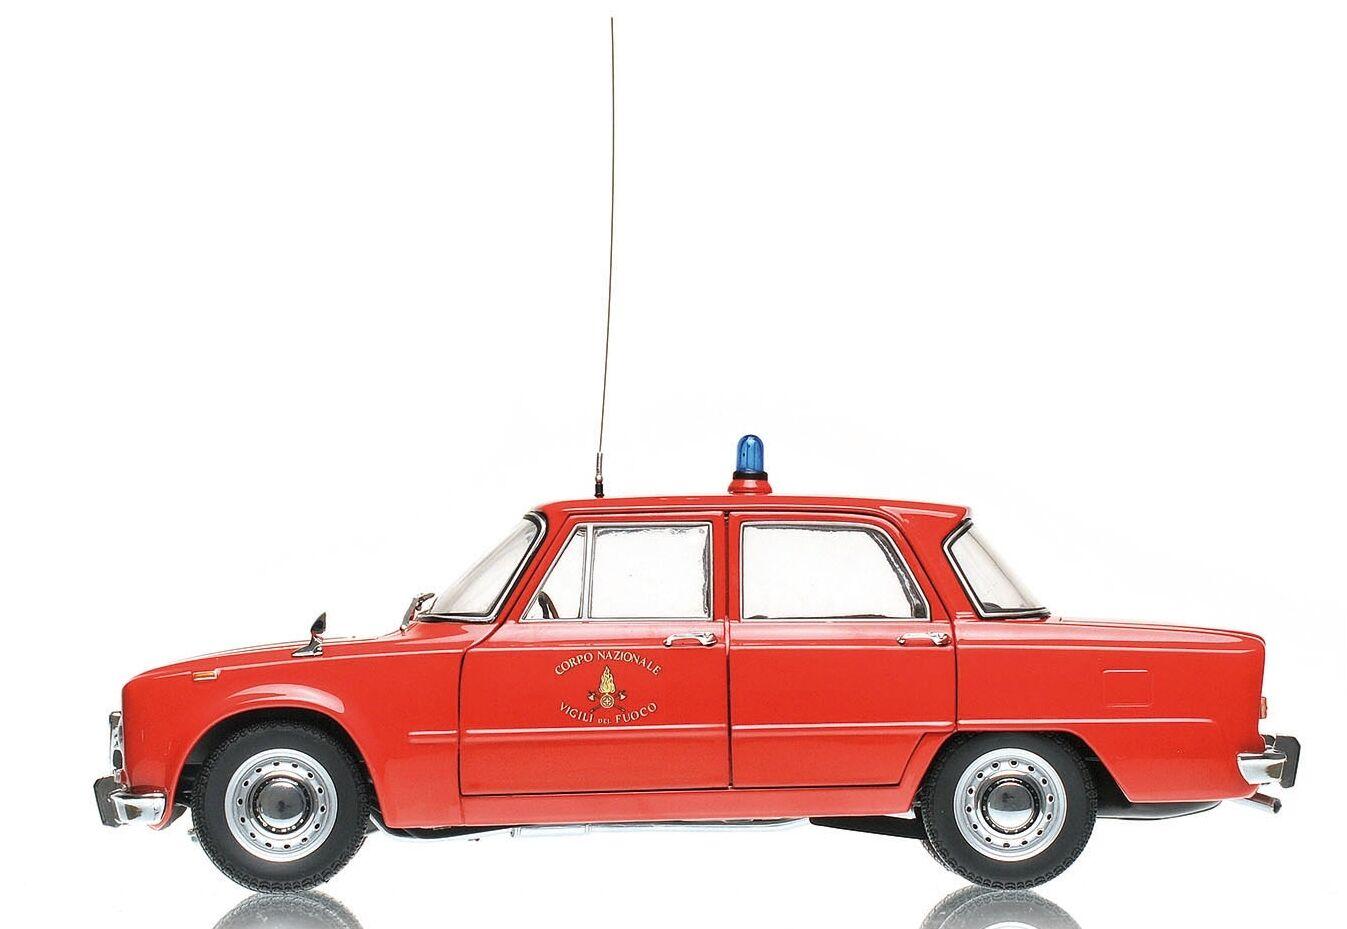 ALFA ROMEO GIULIA 1300cc vigili del fuoco 1966 1:18 EXCLUSIVE MODEL MINICHAMPS